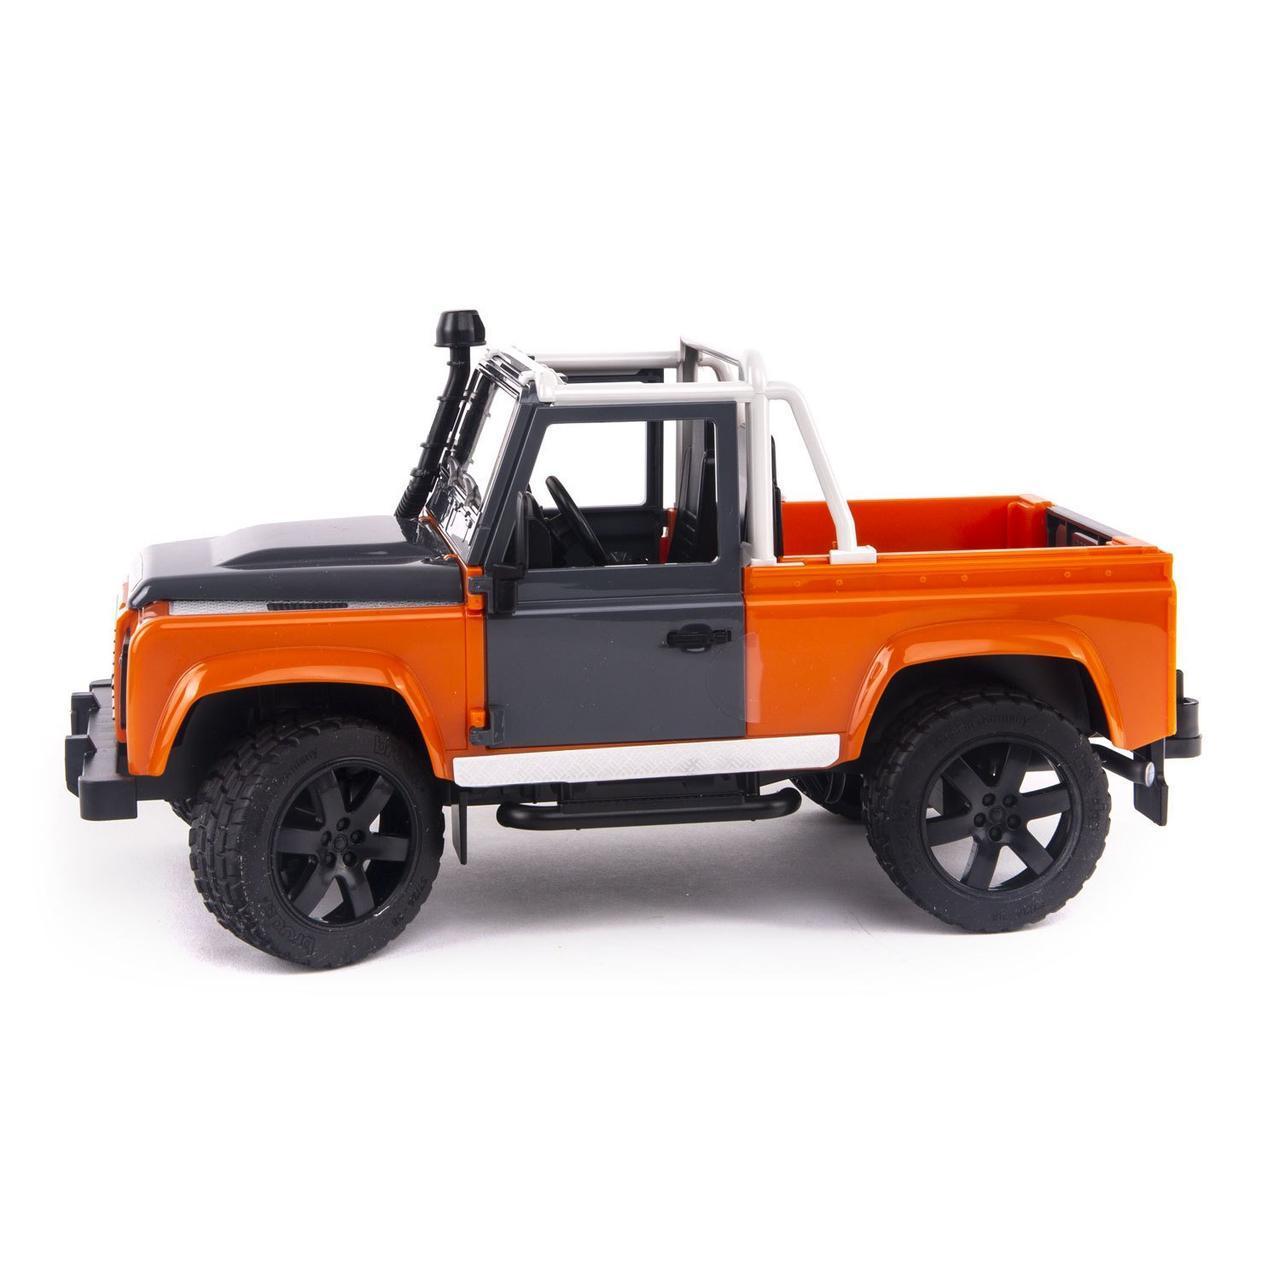 Bruder Игрушечный Внедорожник-пикап Land Rover - оранжевый (Брудер)